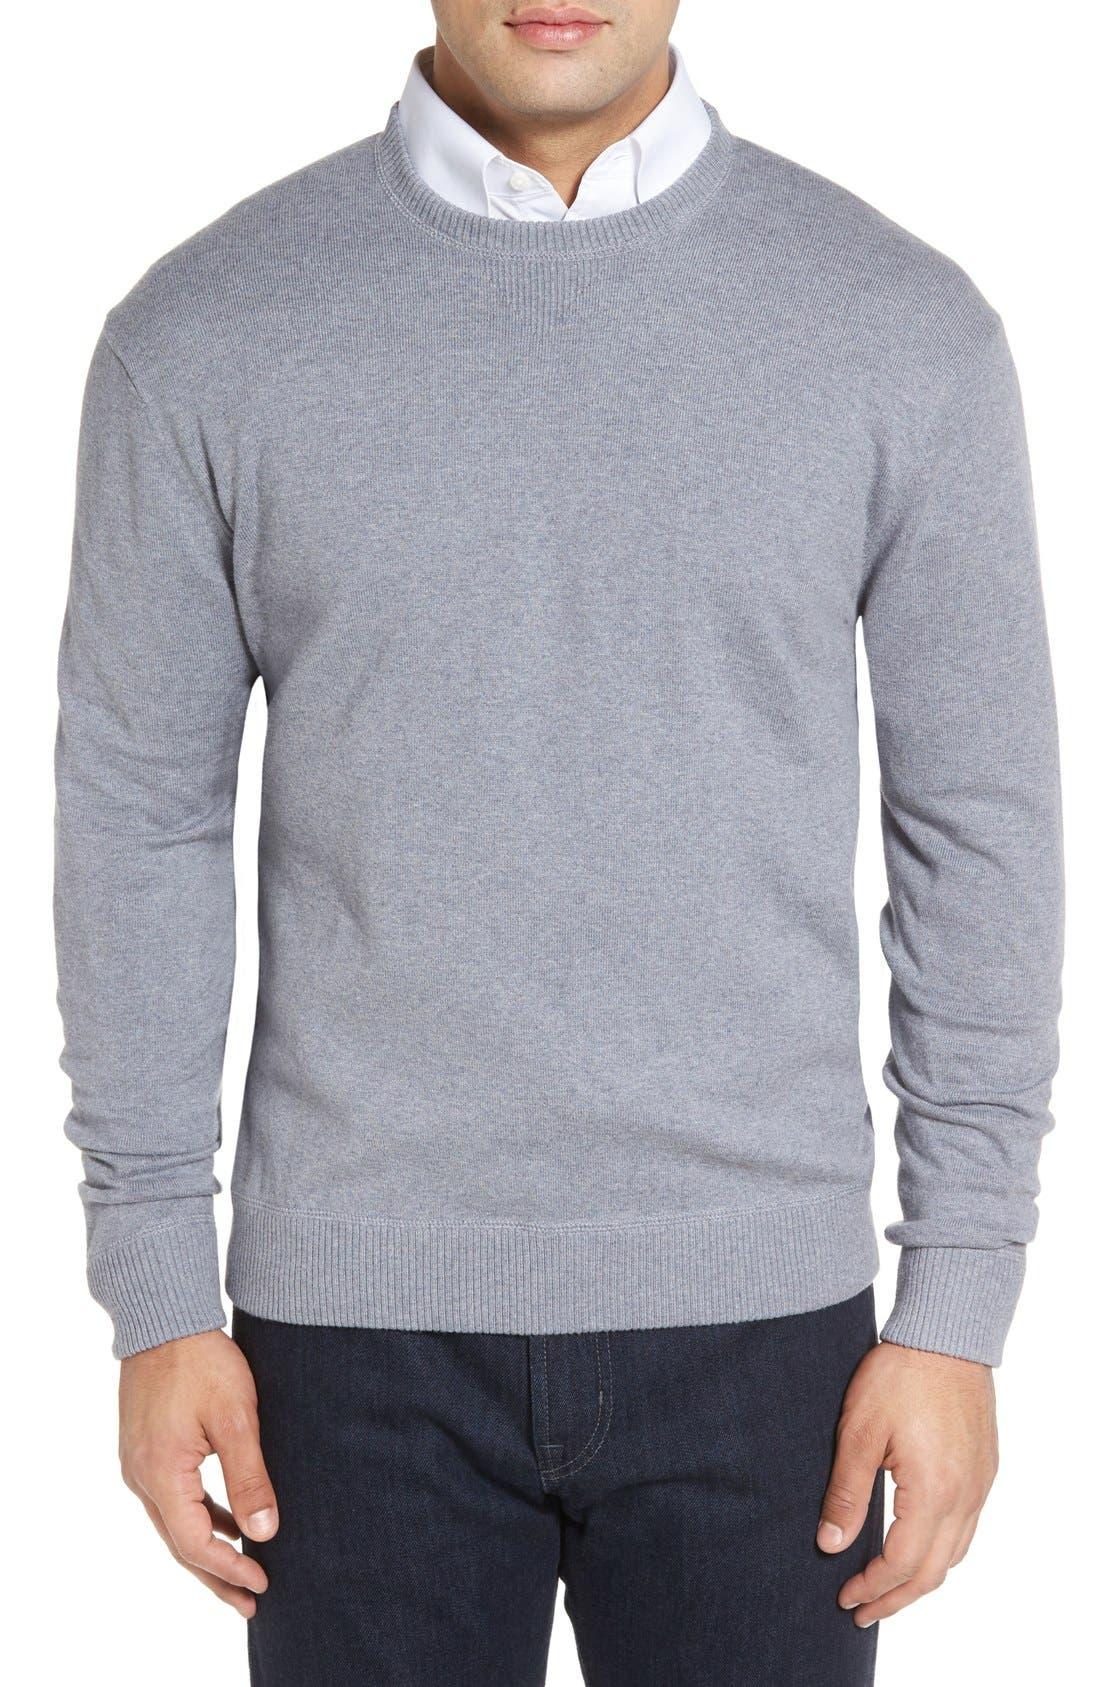 Robert Talbott 'Jersey Sport' Cotton Blend Crewneck Sweater